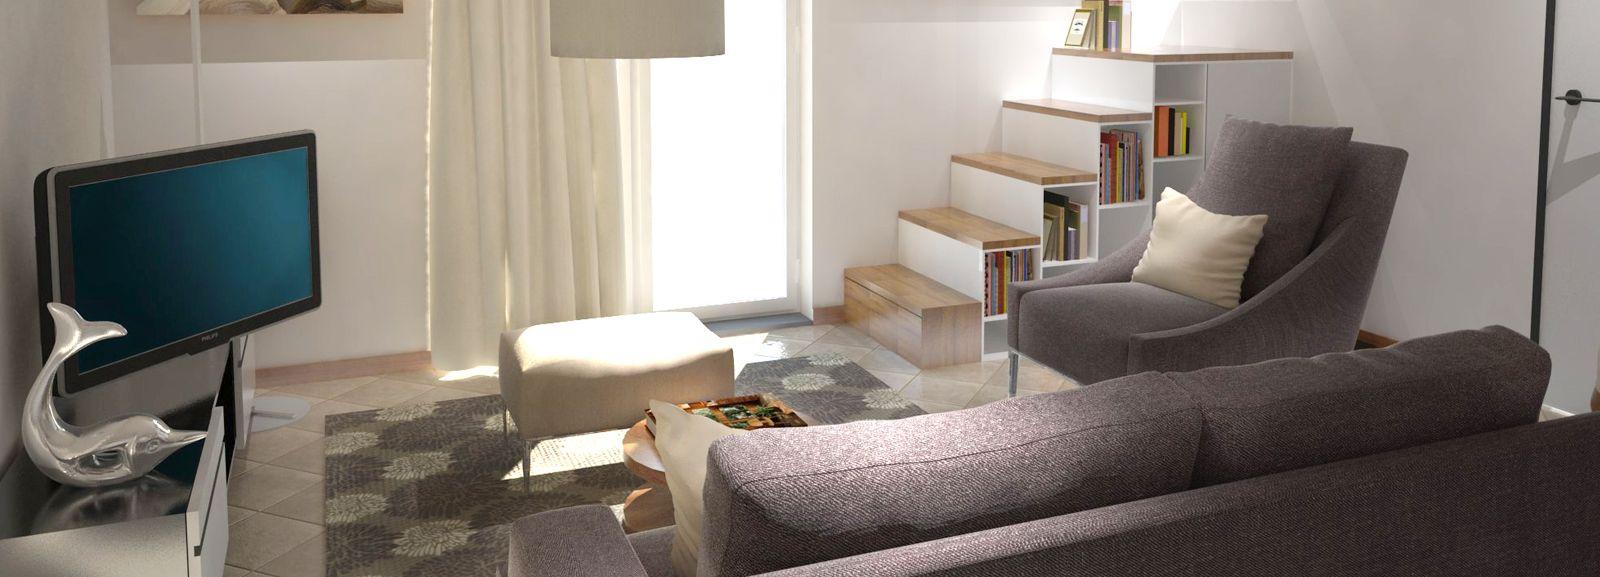 Arredare un soggiorno con tante aperture sulle pareti (con ...